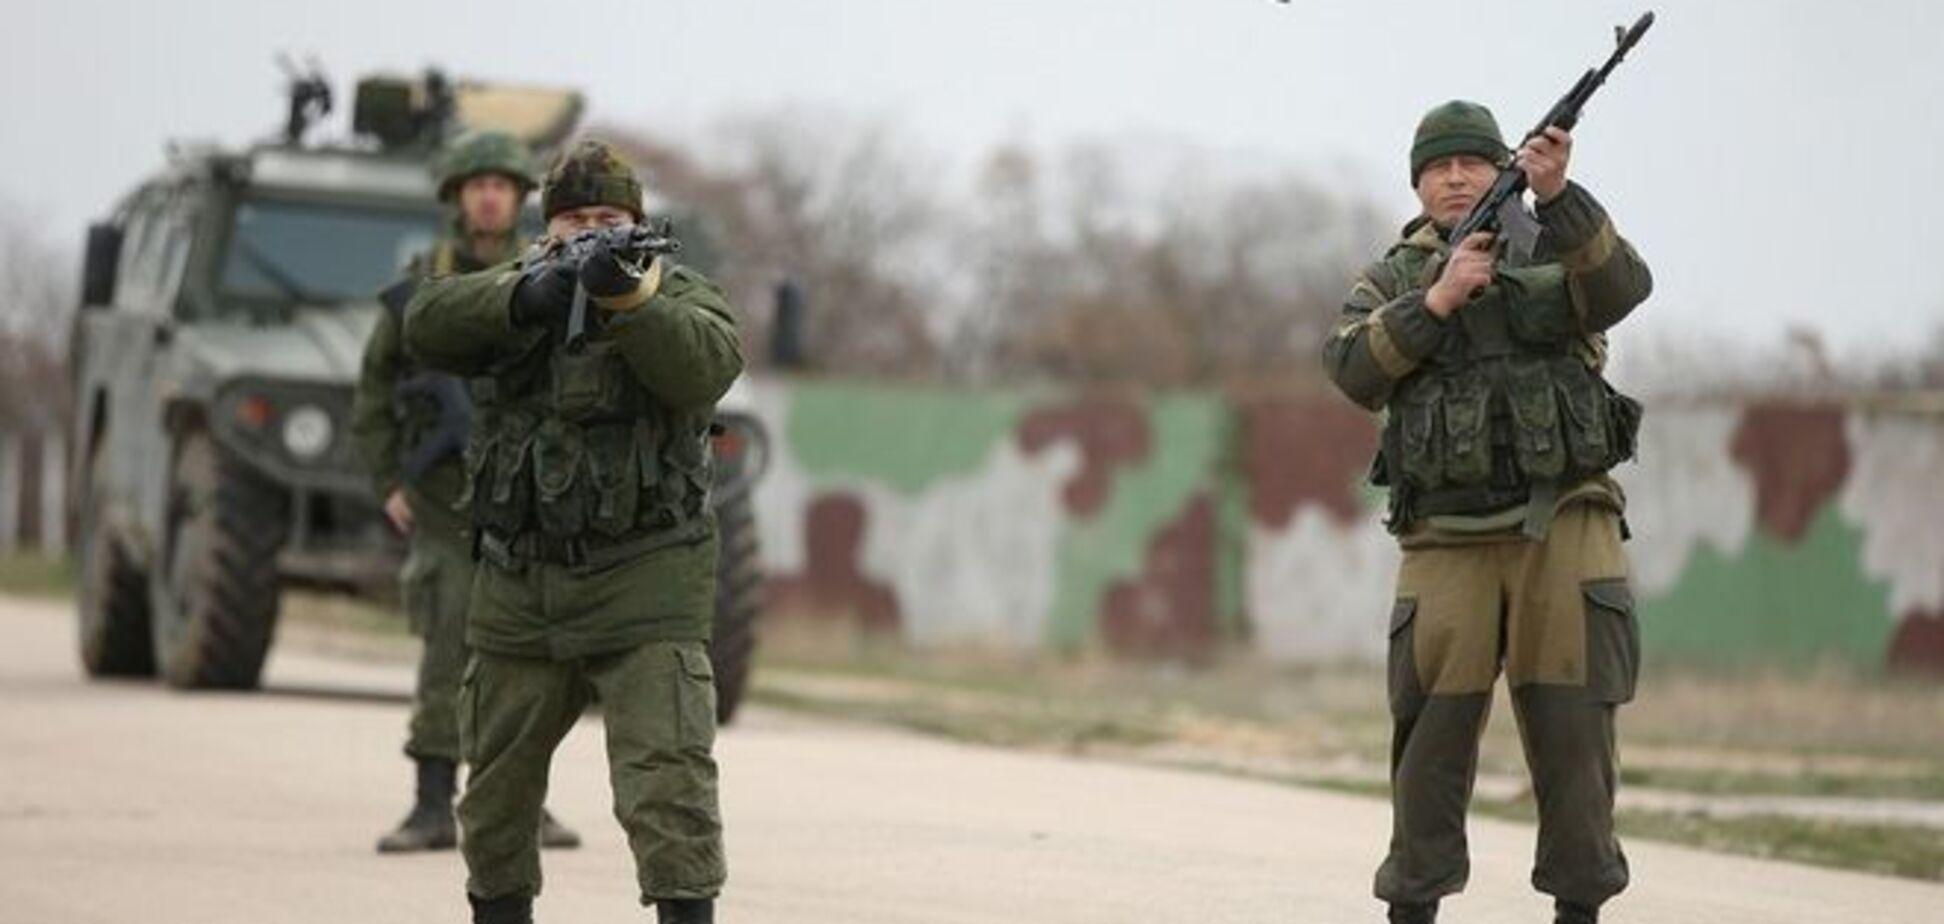 Террористы увеличили количество обстрелов силовиков, в том числе из тяжелой артиллерии – штаб АТО